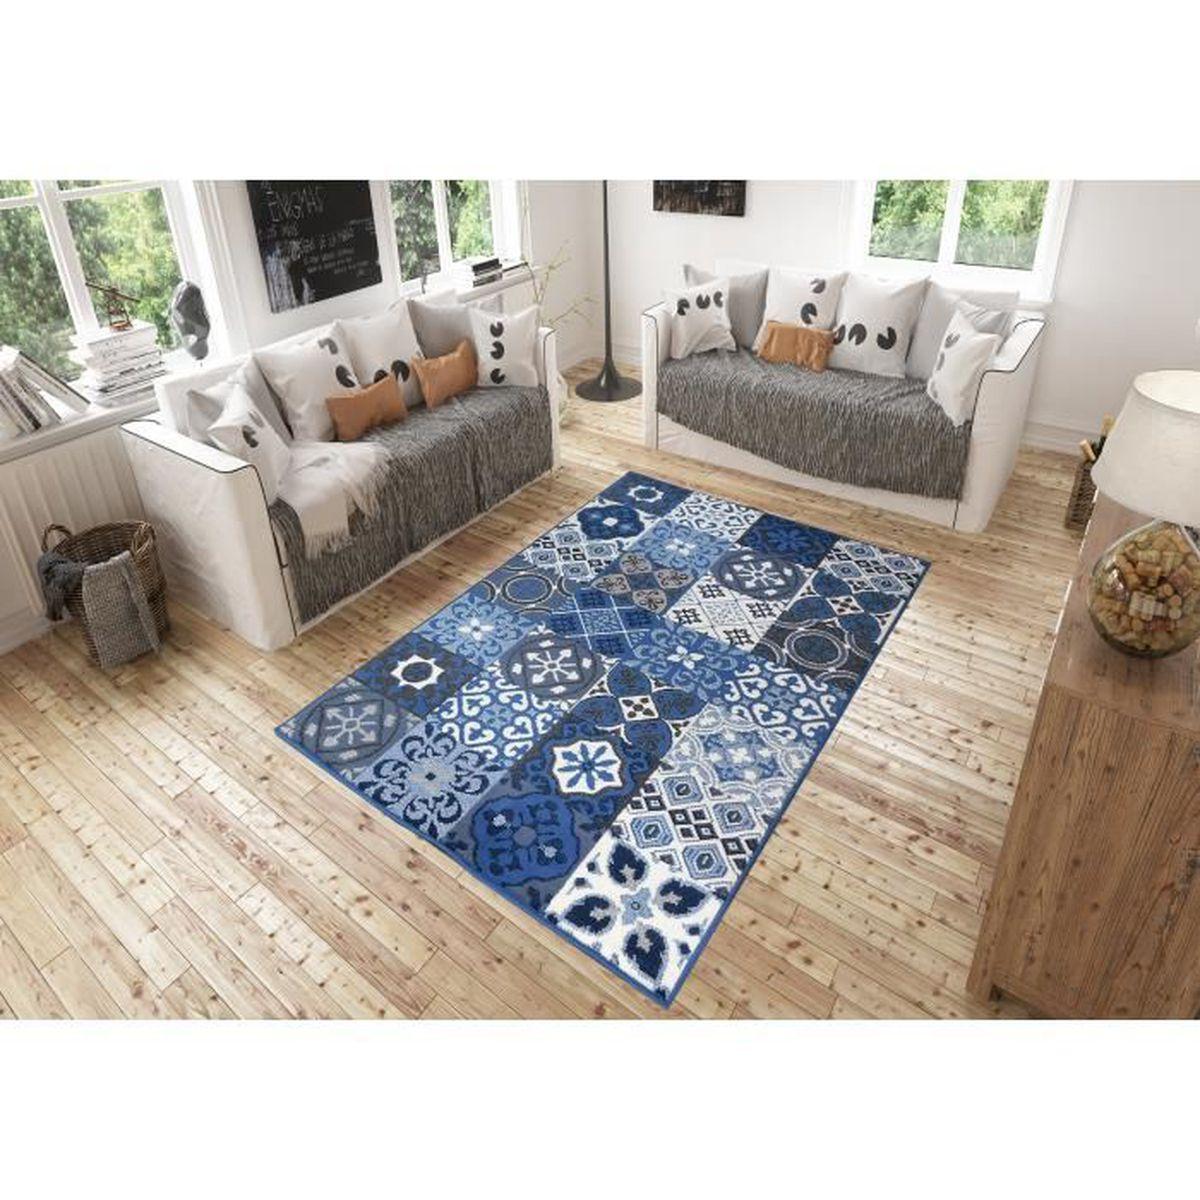 Tapis Effet Carreaux De Ciment tapis salon carreaux ciment